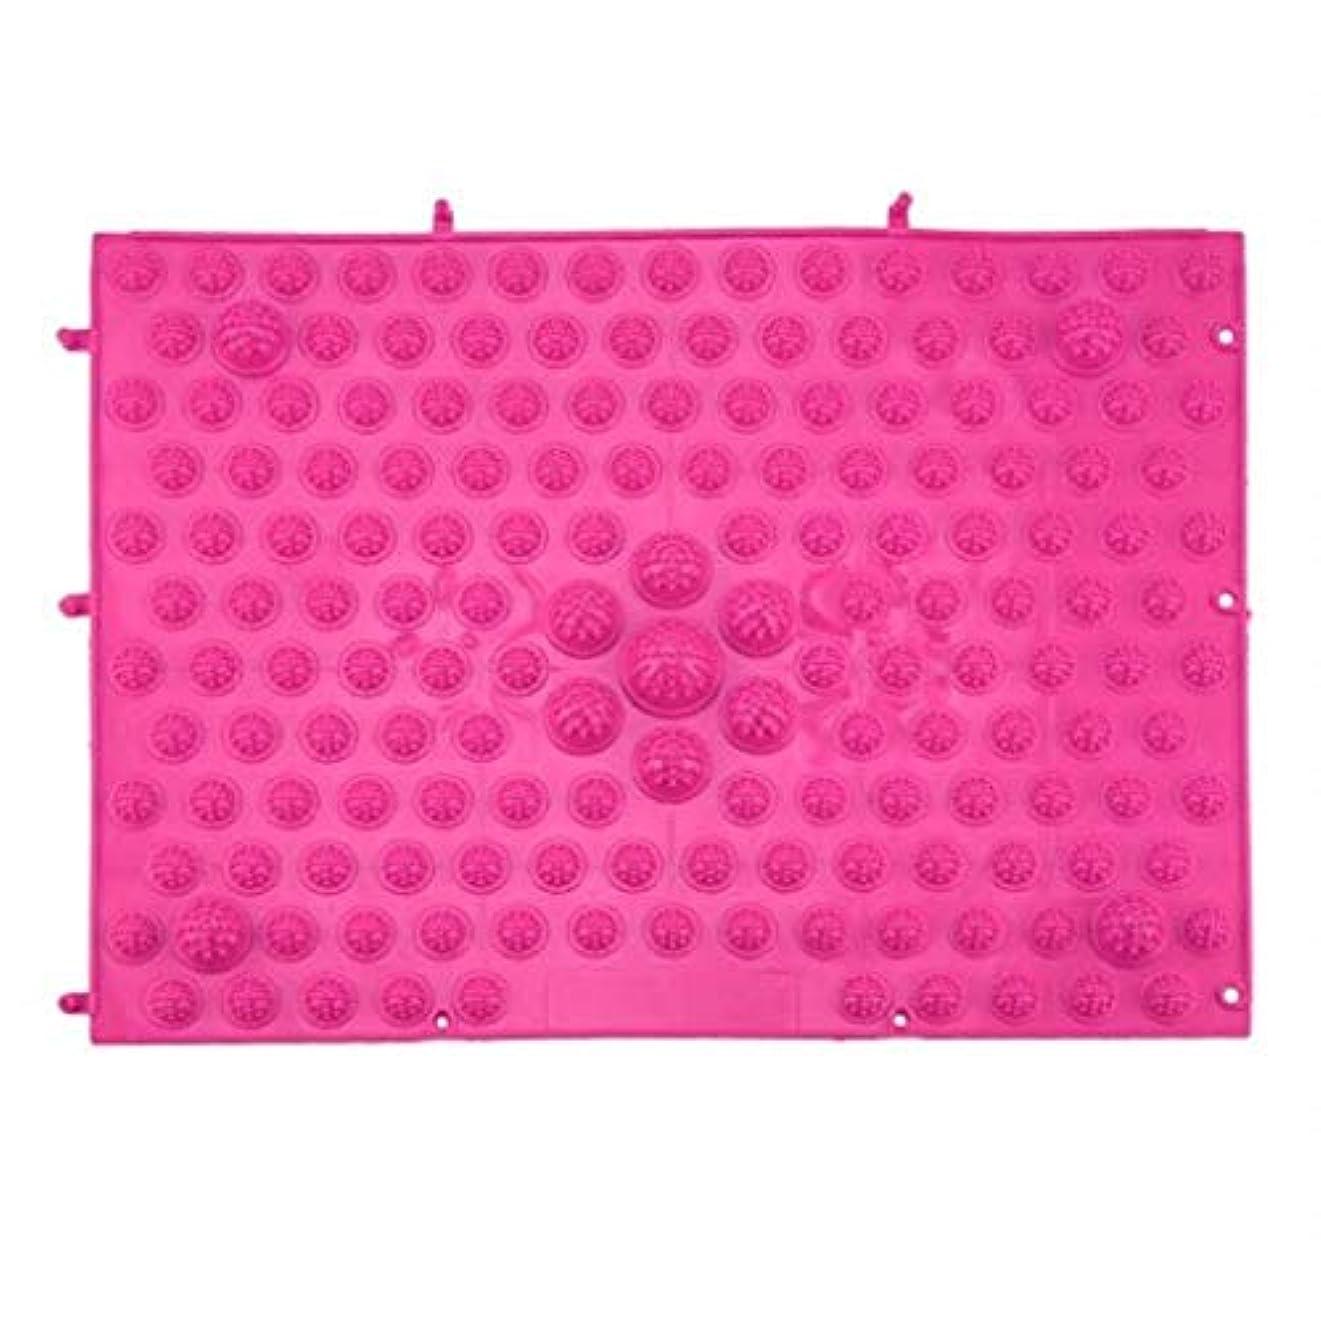 プレビューそれによってひいきにするマッサージクッション、指圧フットパッド、リフレクソロジーウォーキングマッサージパッド、痛みを和らげ、筋肉をリラックス37x27.5cm (Color : Rose Red)